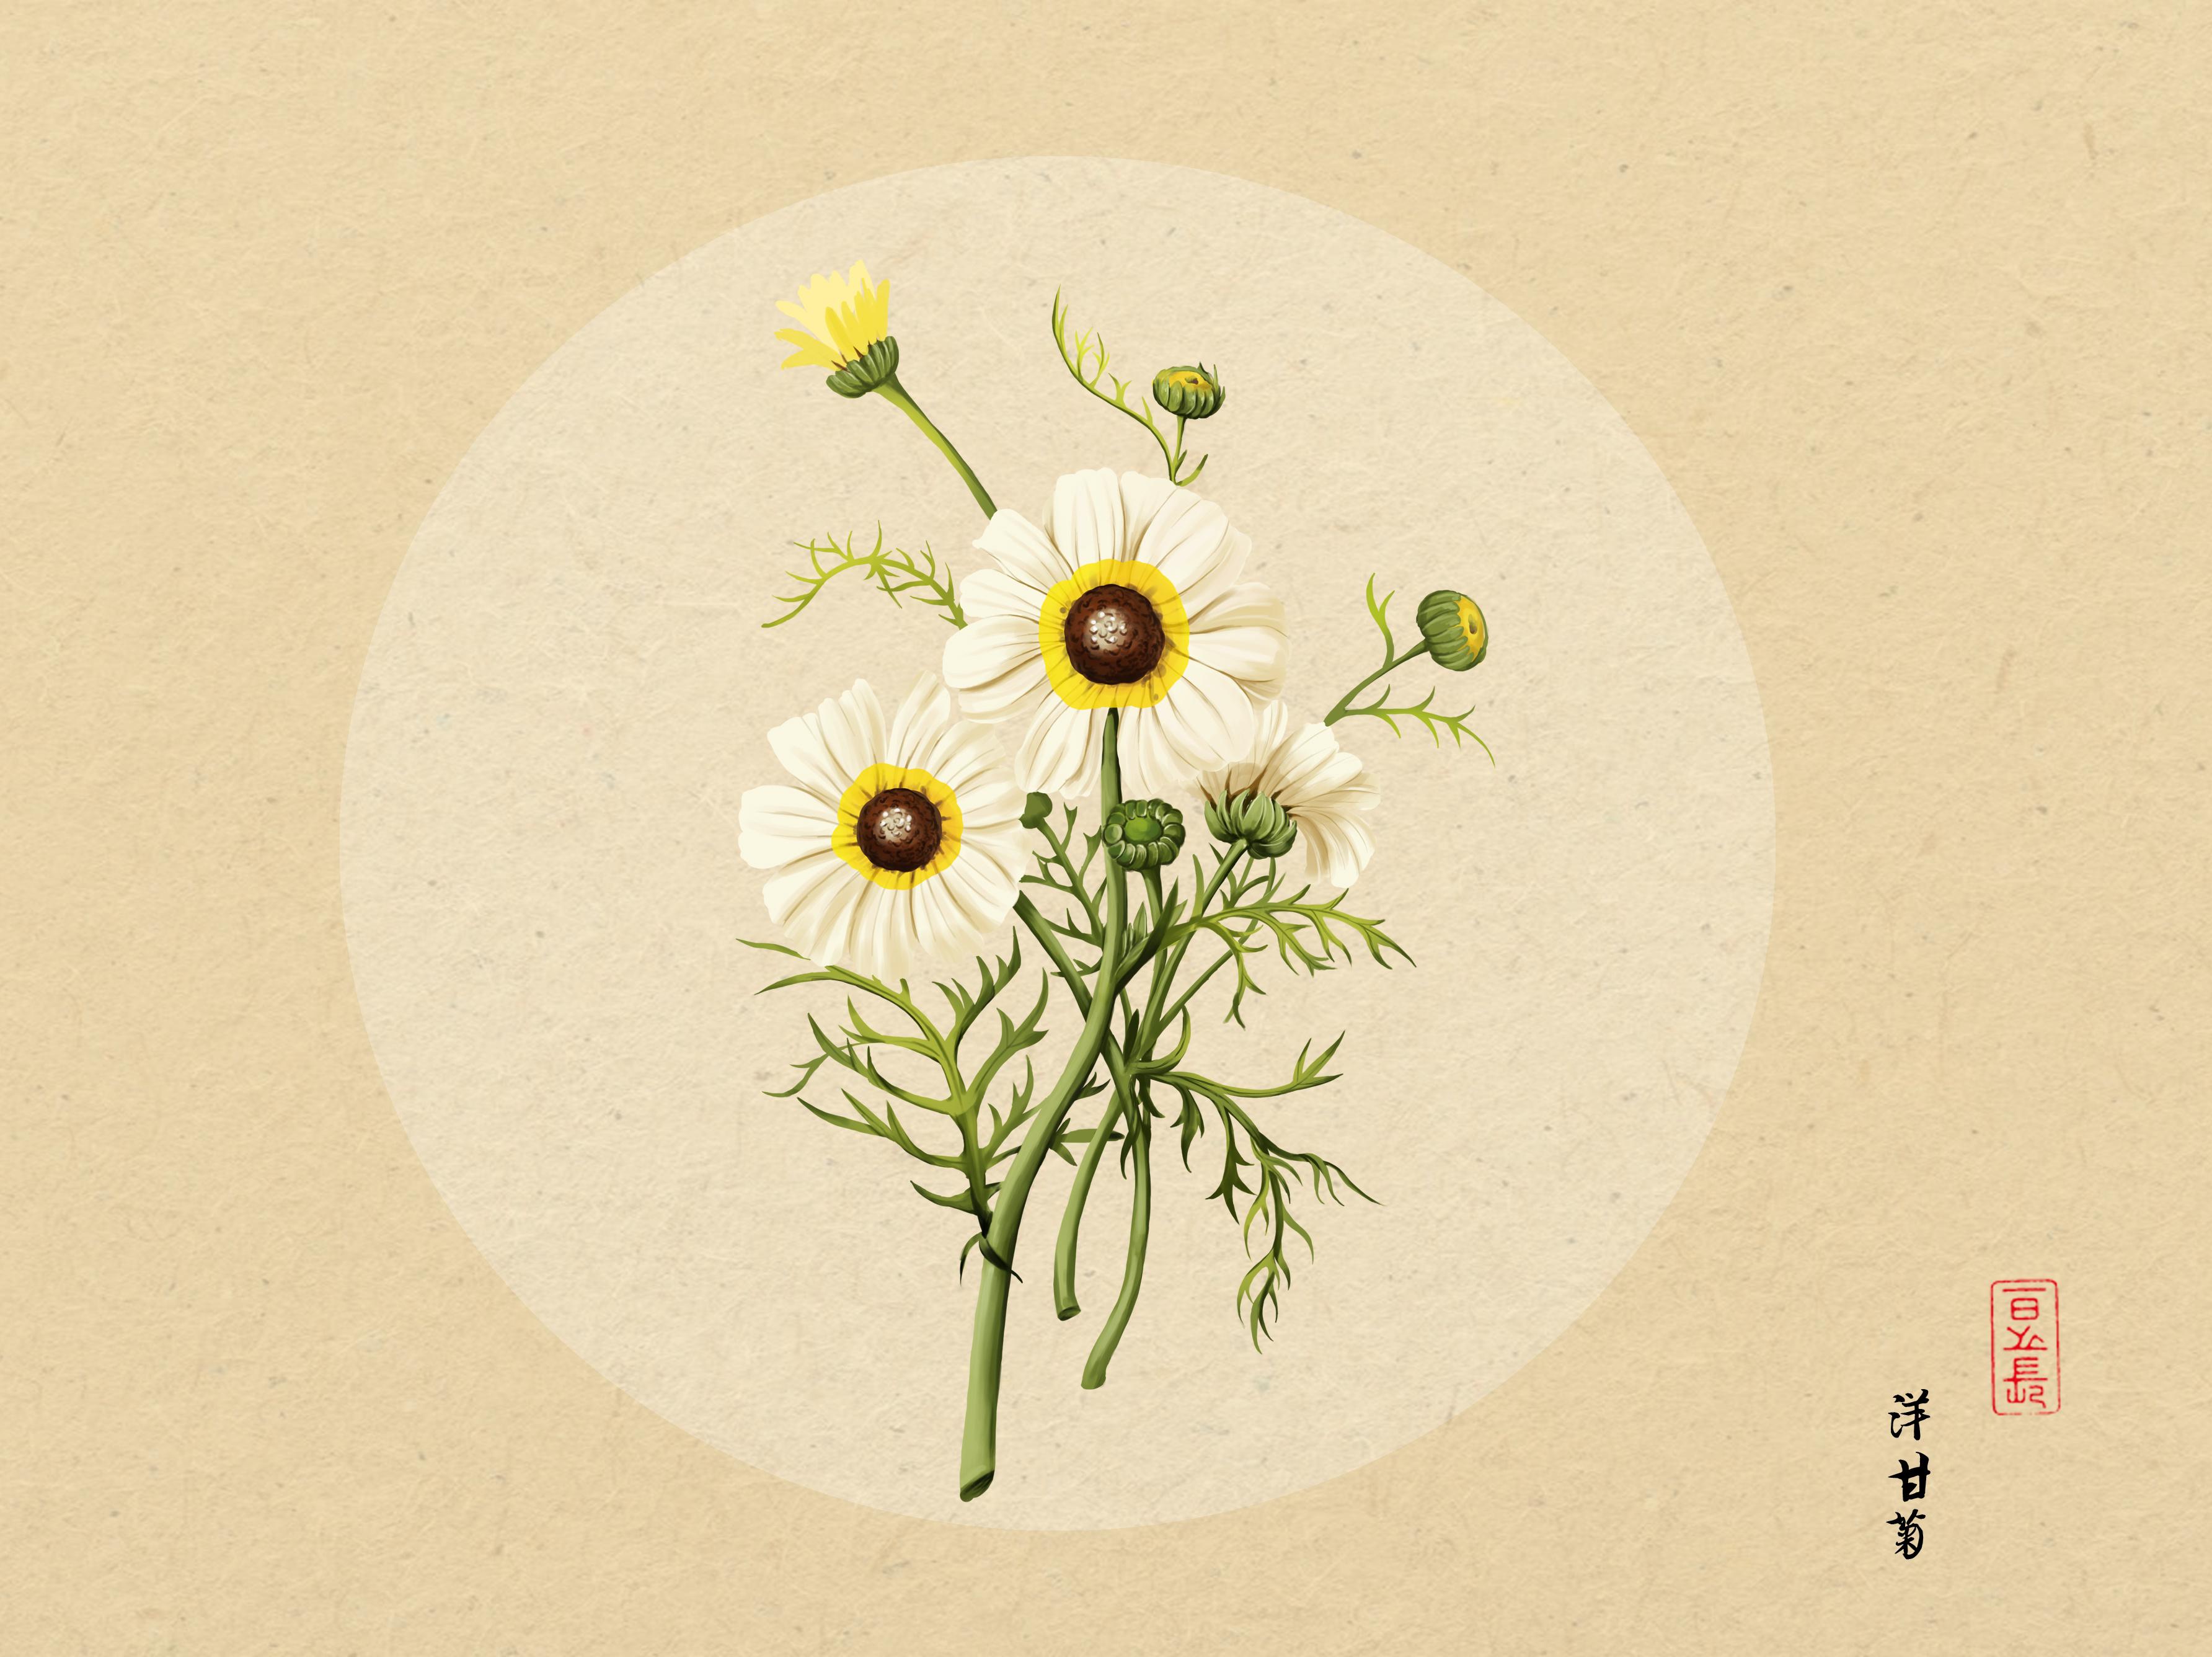 植物插画|插画|商业插画|日光倾城417 - 原创作品